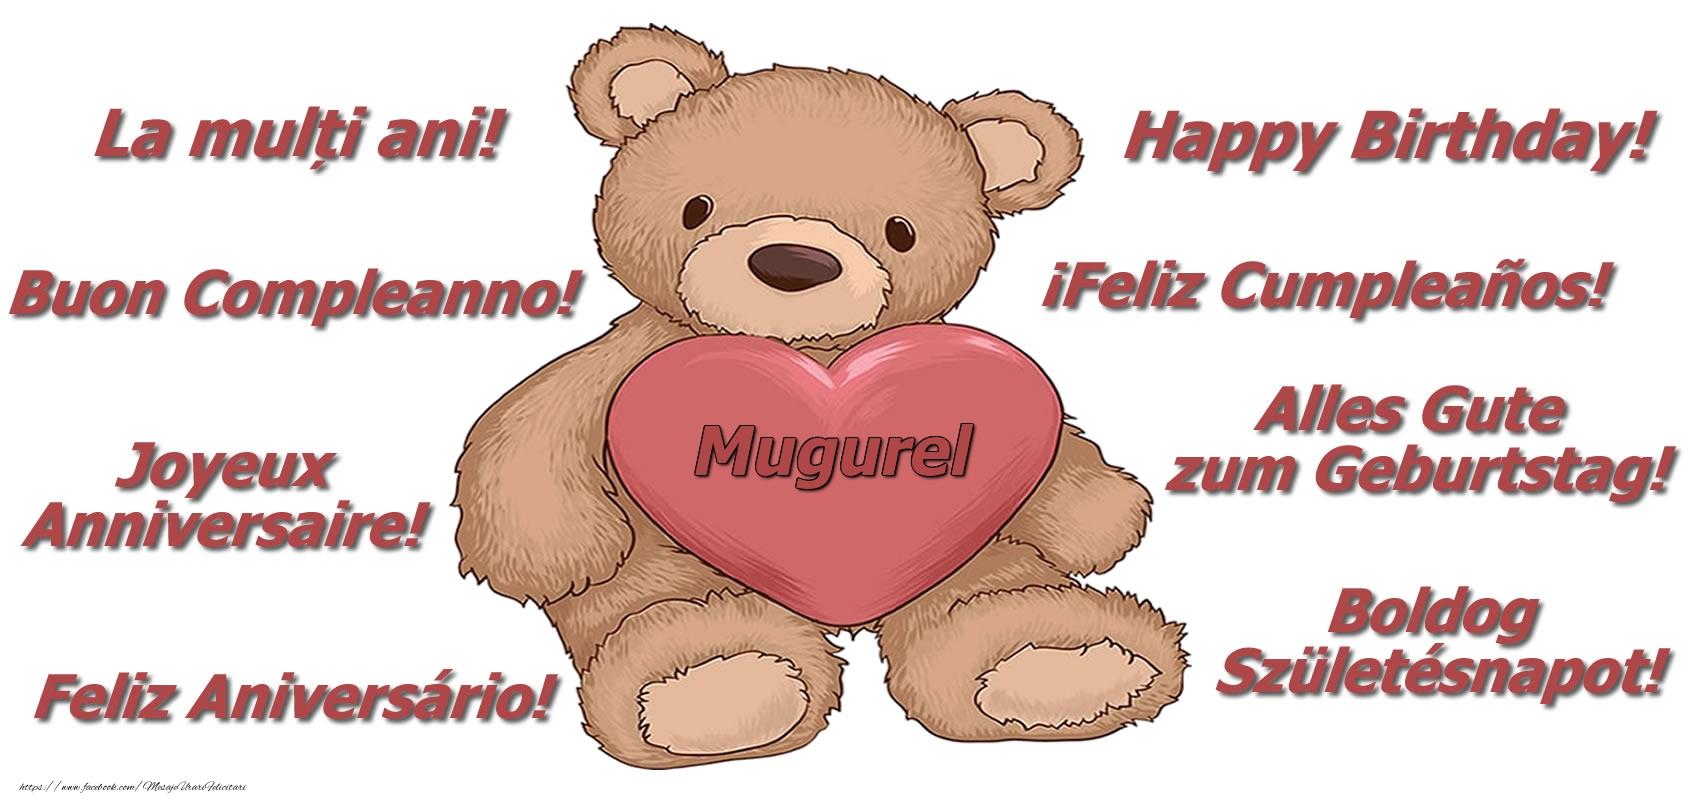 Felicitari de zi de nastere - La multi ani Mugurel! - Ursulet